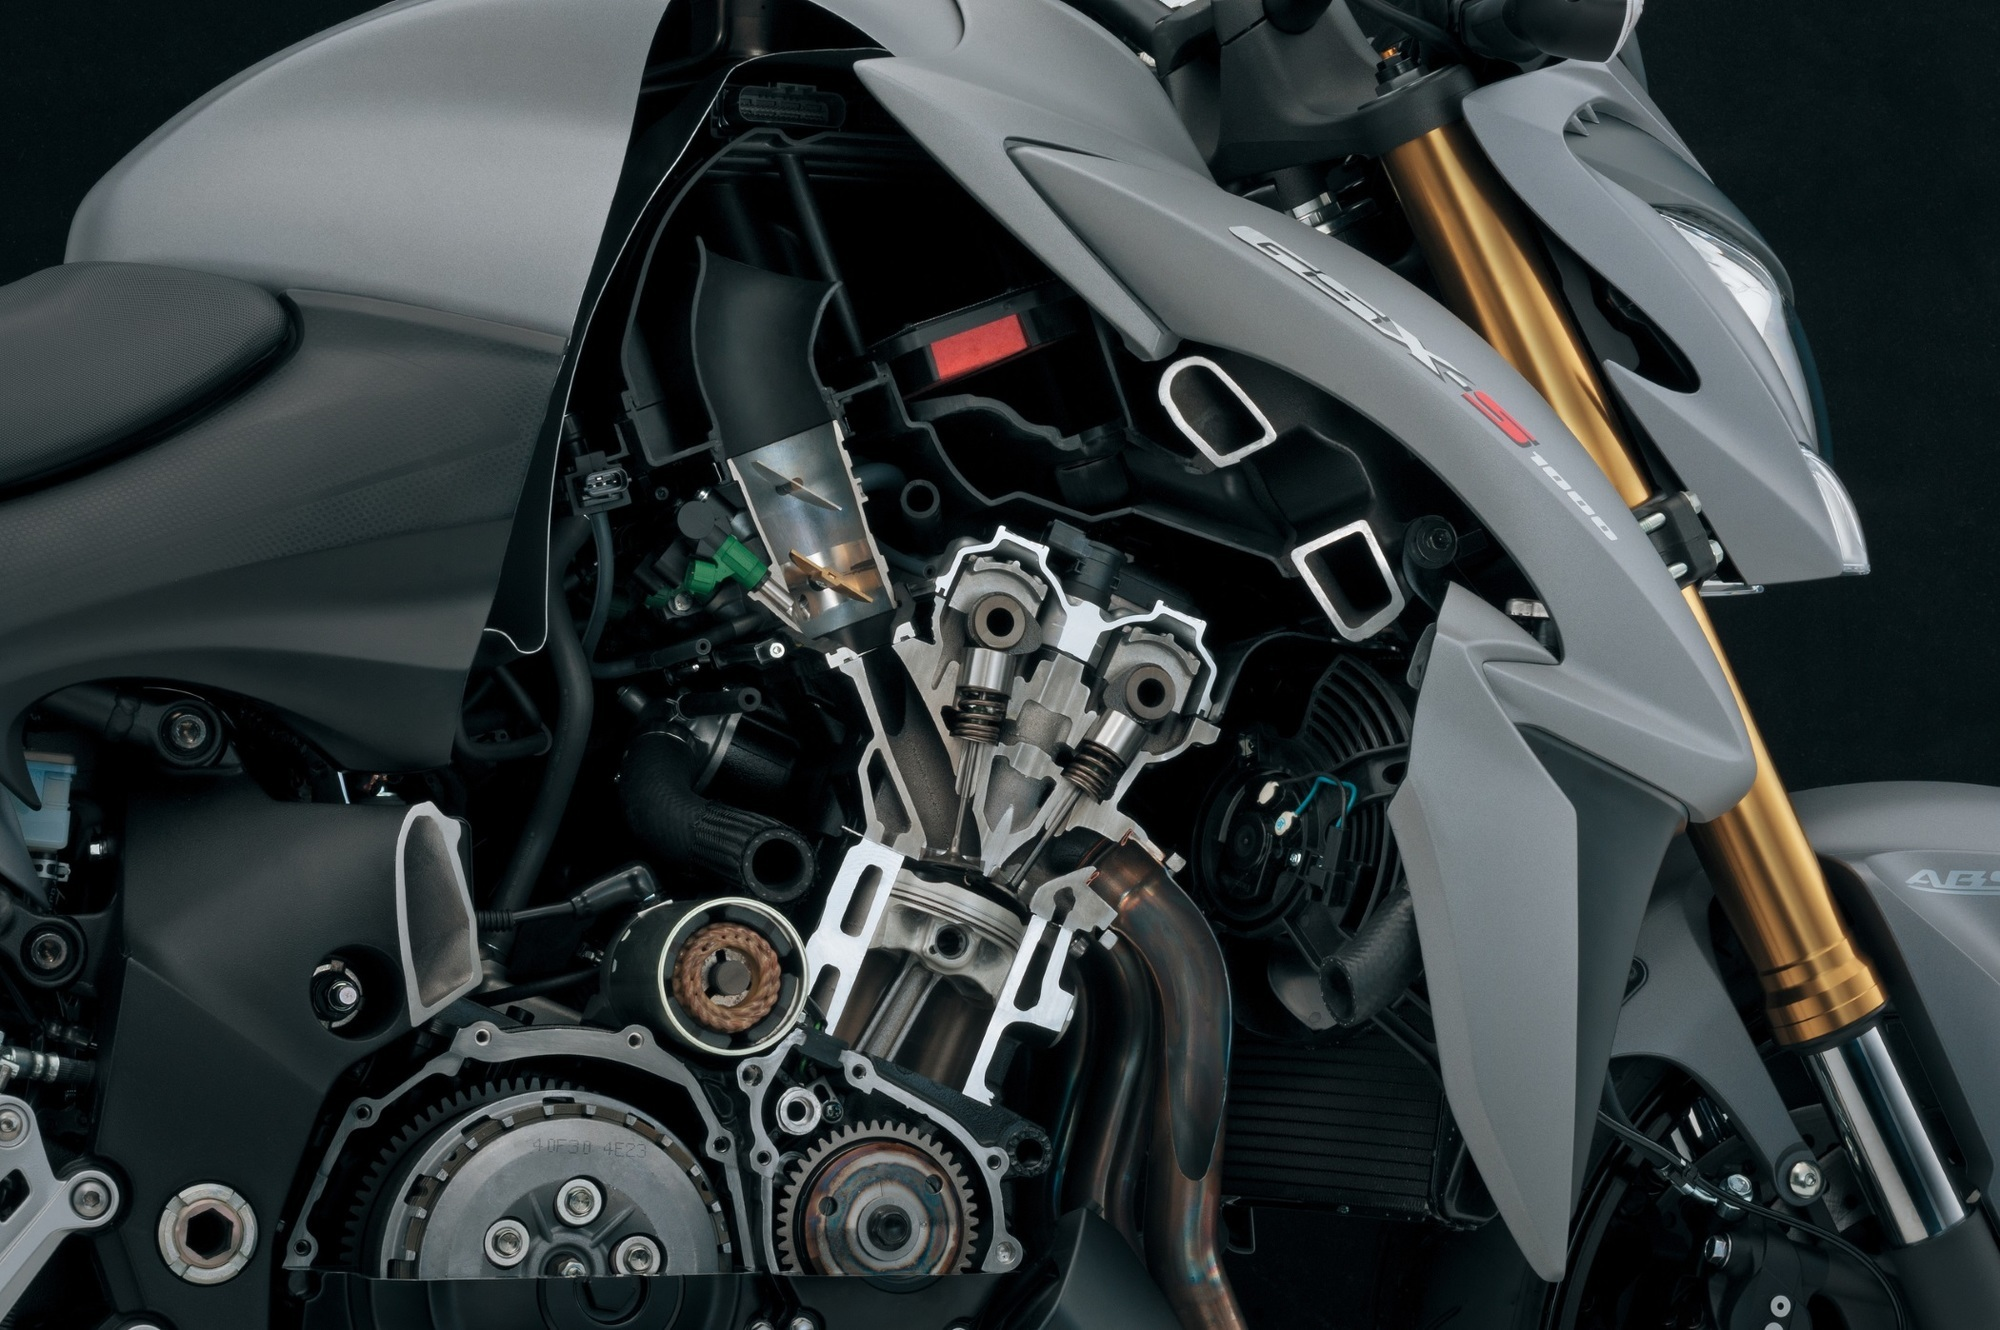 Suzuki verlängert Wartungsintervalle - Doppelt so weit auf zwei Rädern